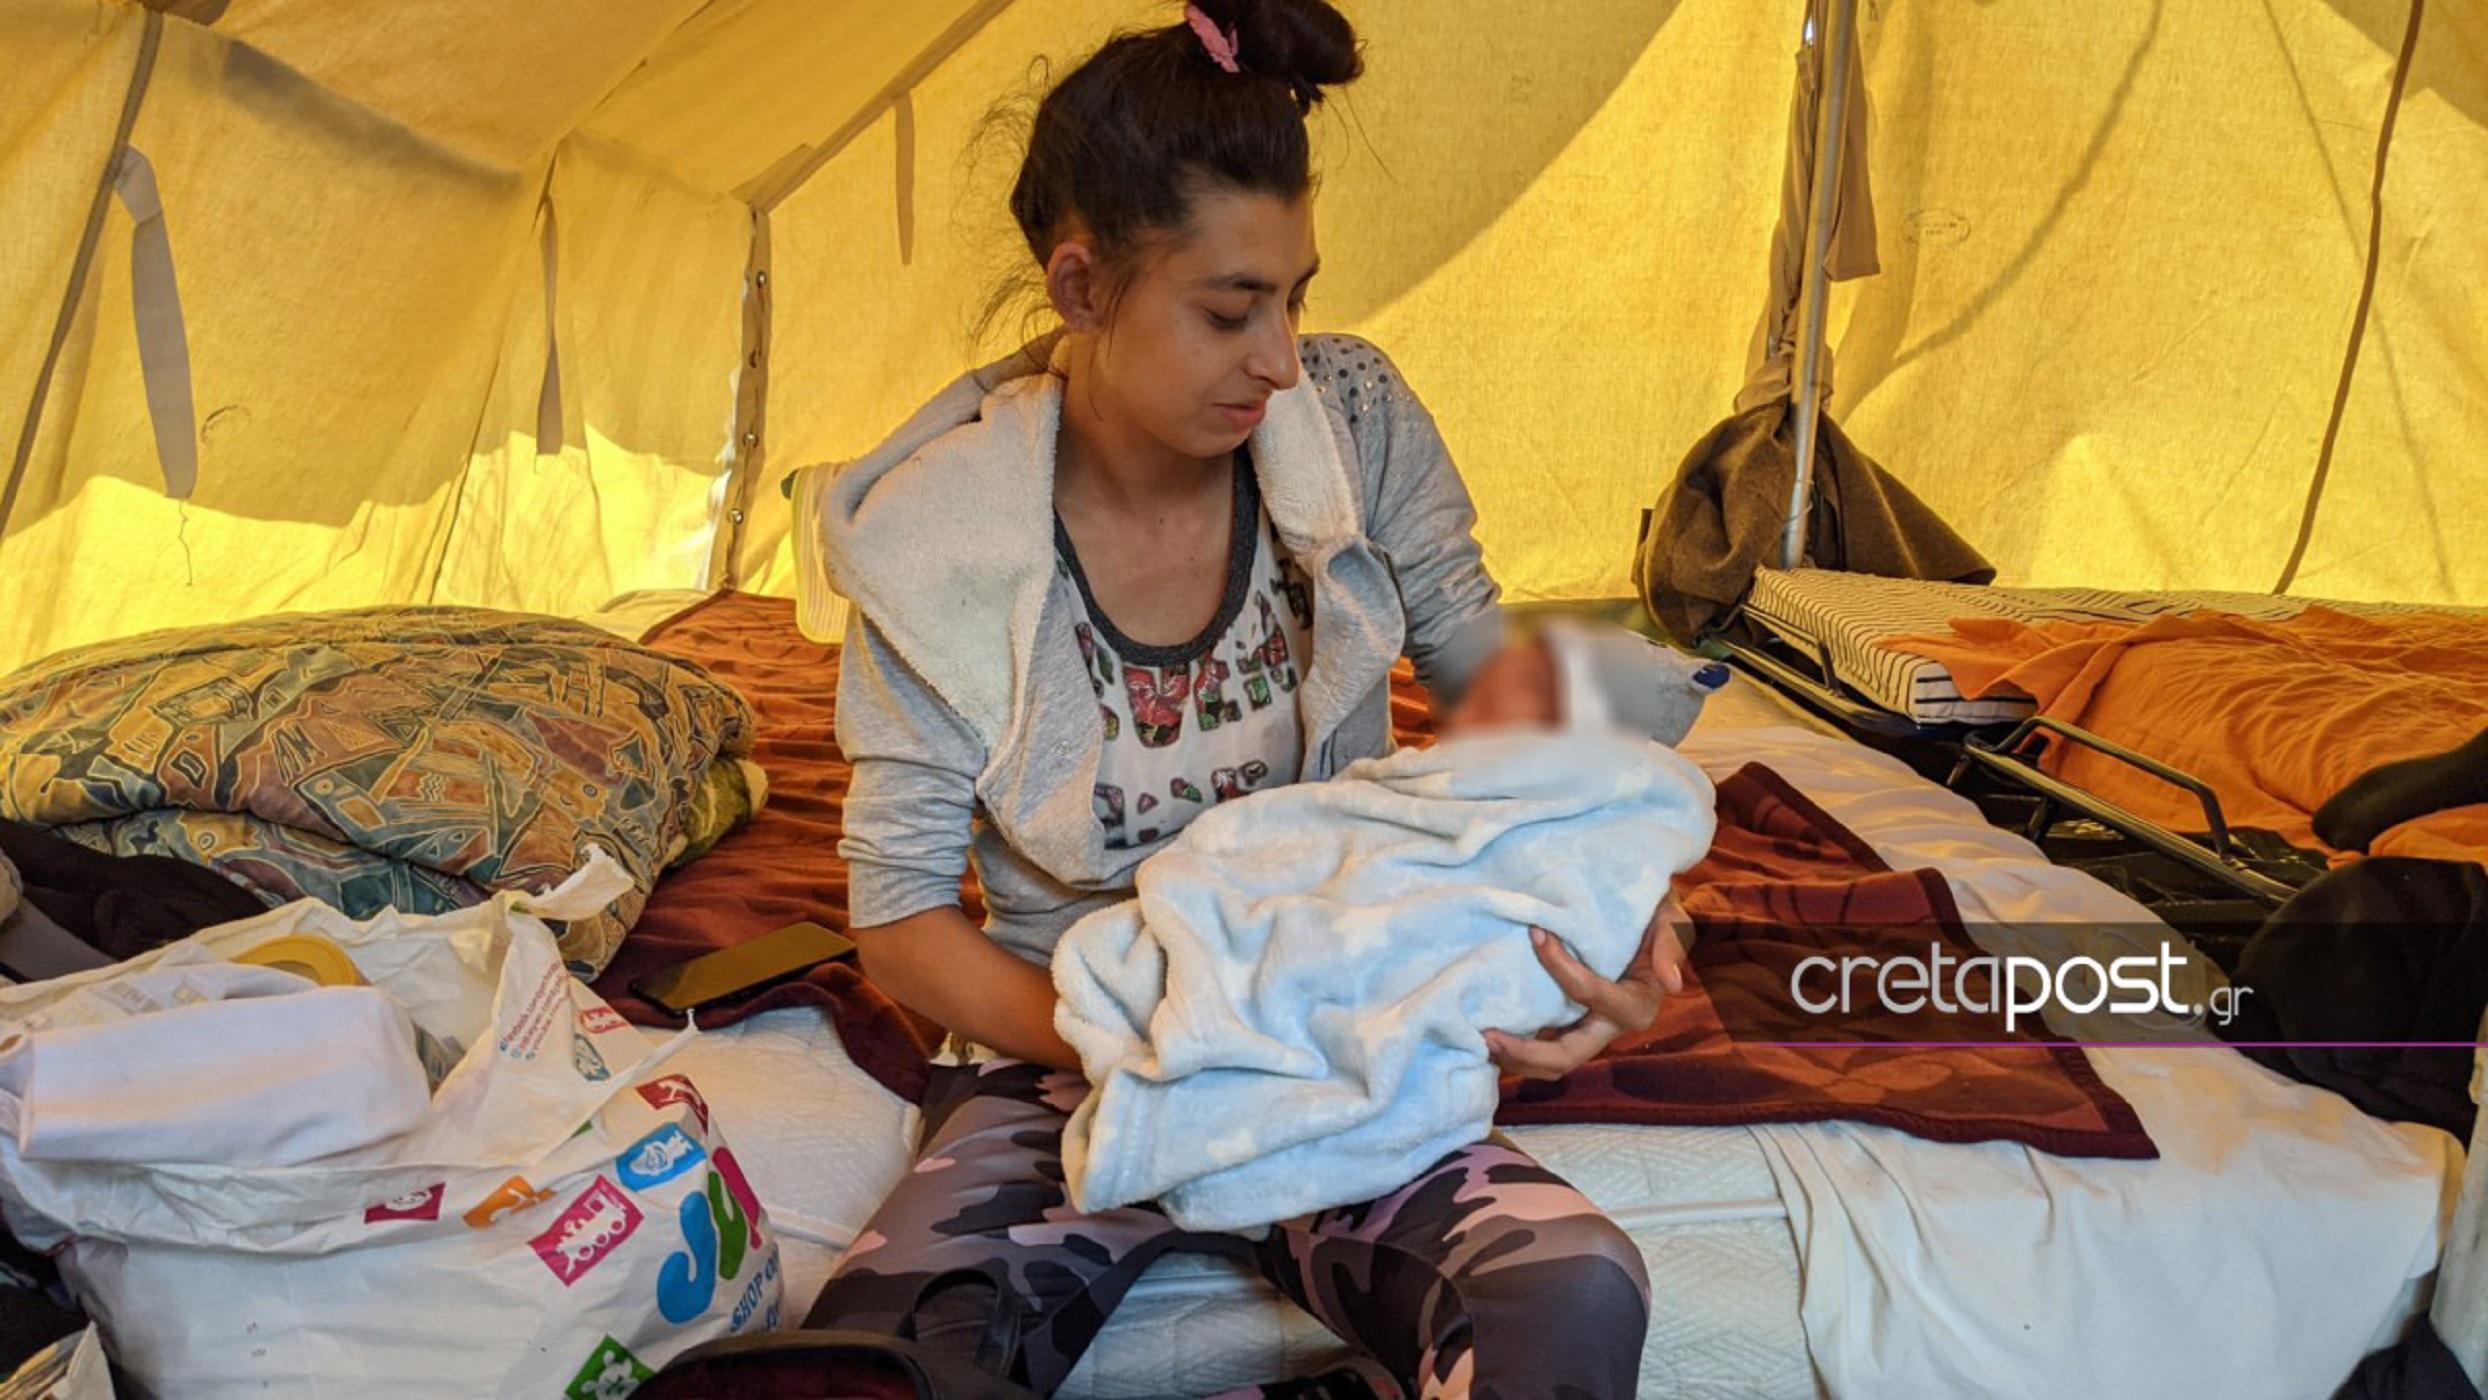 Σεισμός στην Κρήτη: 45 παιδιά ζουν στις σκηνές – Ανάμεσά τους και ένα βρέφος 6 ημερών